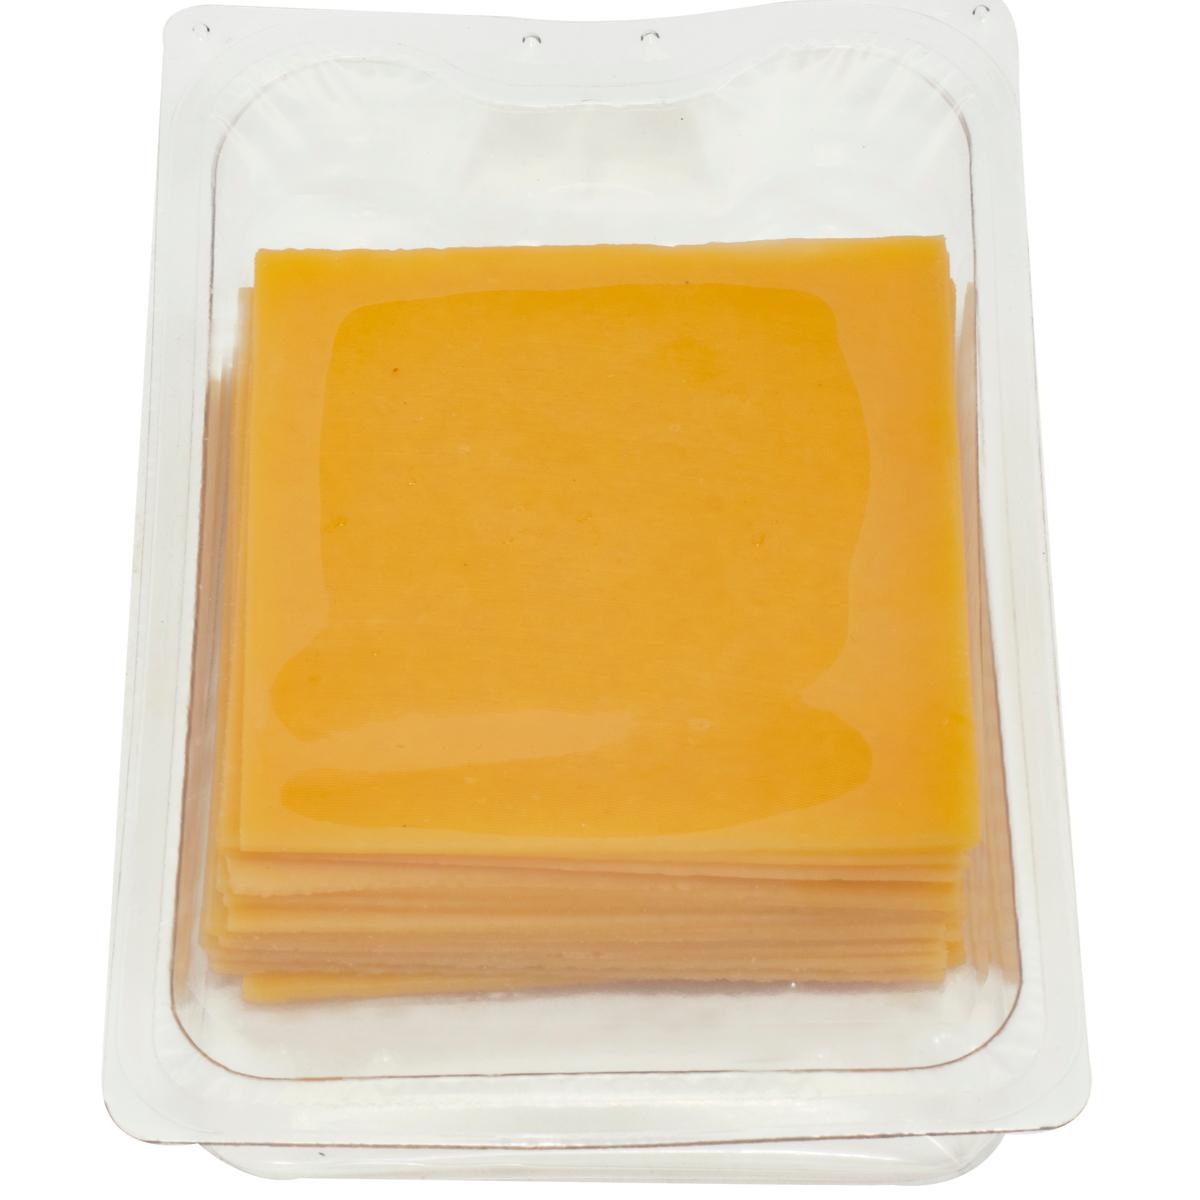 kaas in verpakking-2